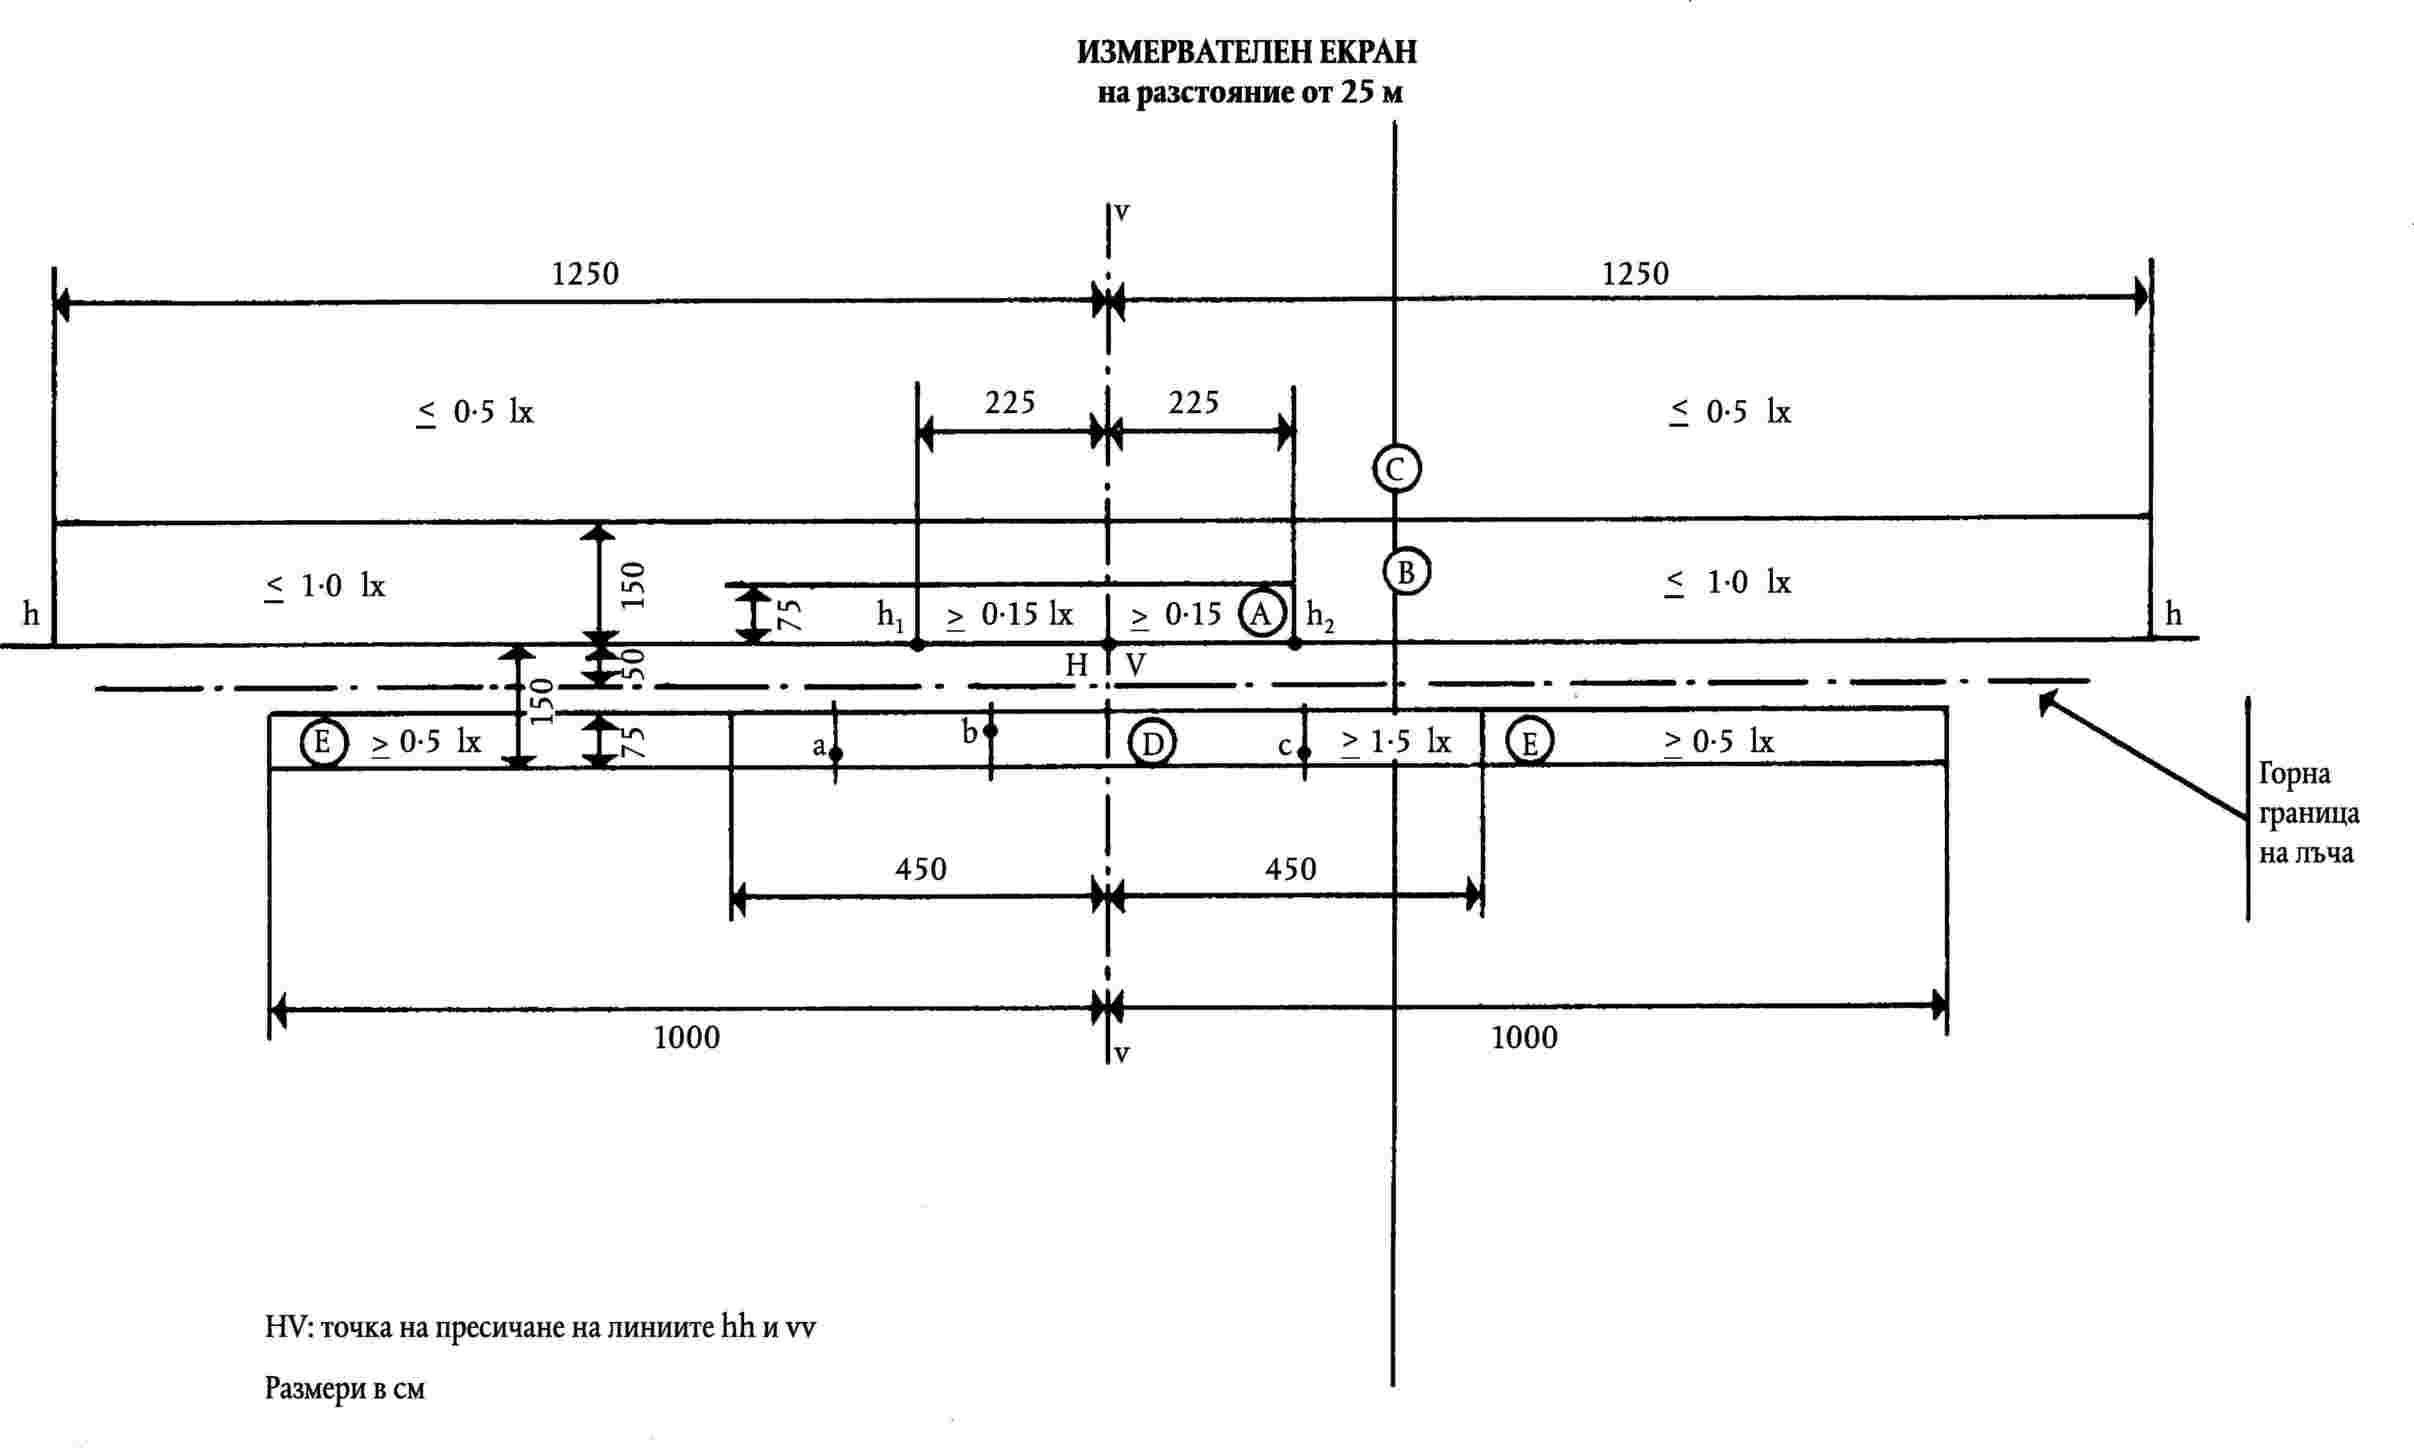 Diagram Qapf